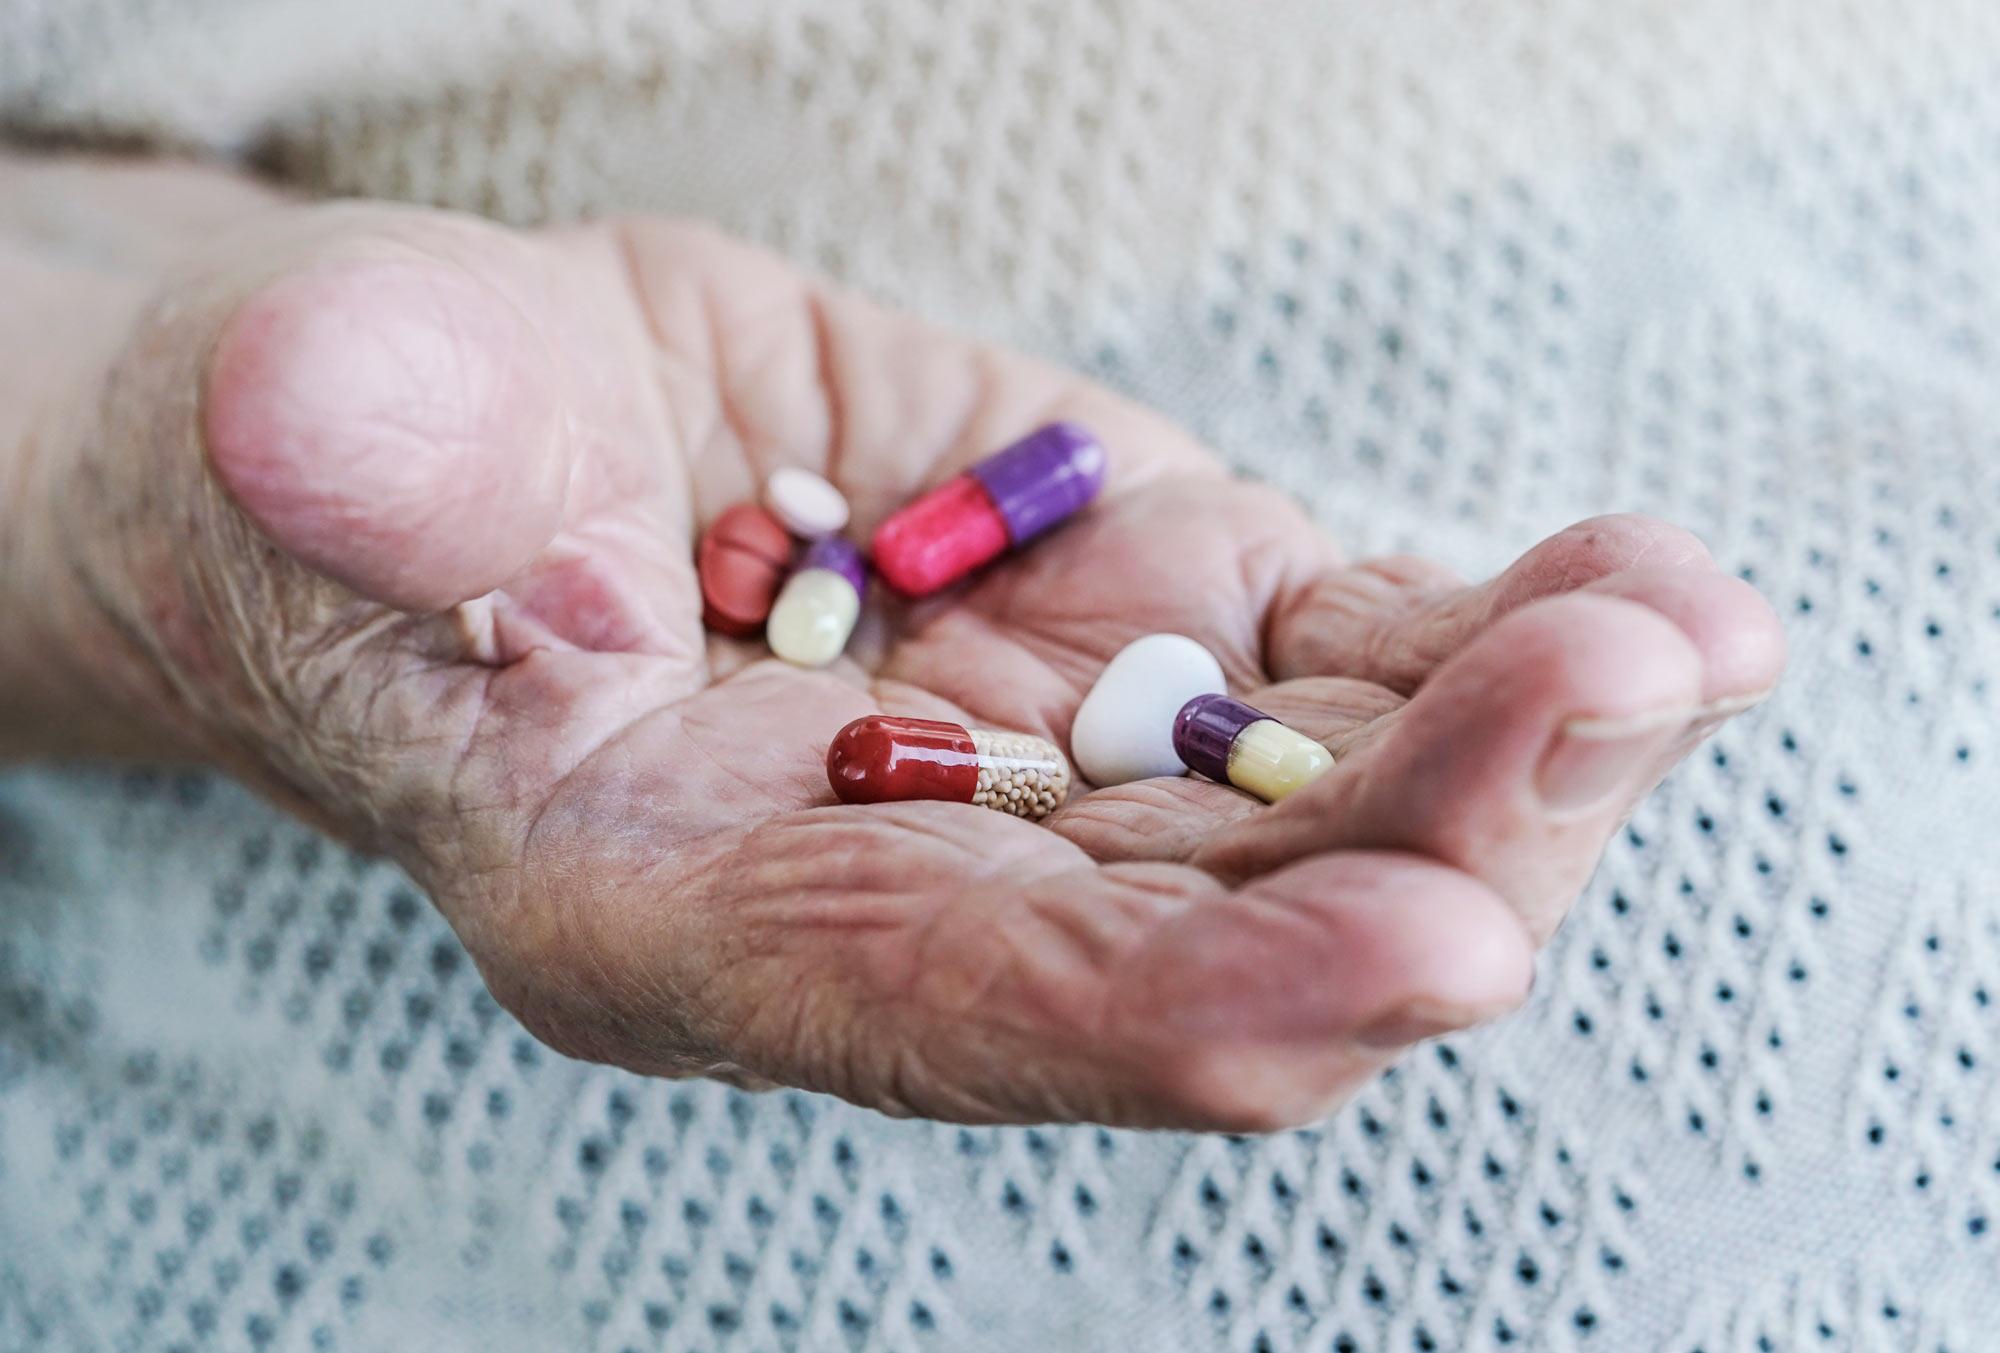 Lääkkeiden koneellinen annosjakelu vastaa tulevaisuuden tarpeisiin